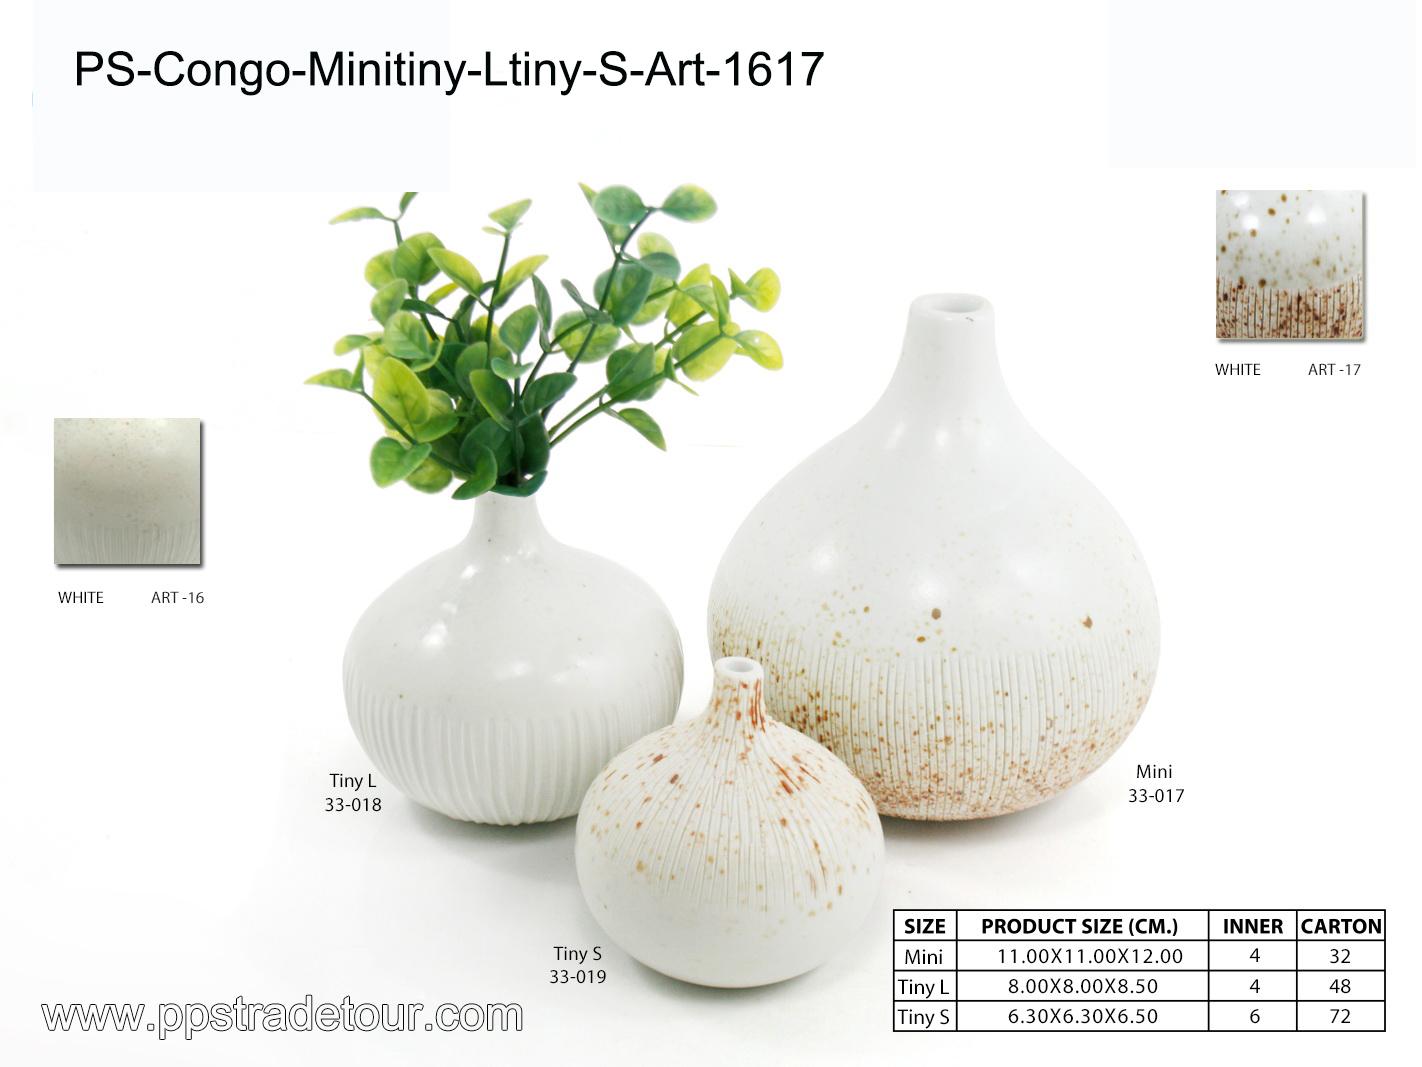 PSCV-CONGO-MINITINY-LTINY-S-ART-1617